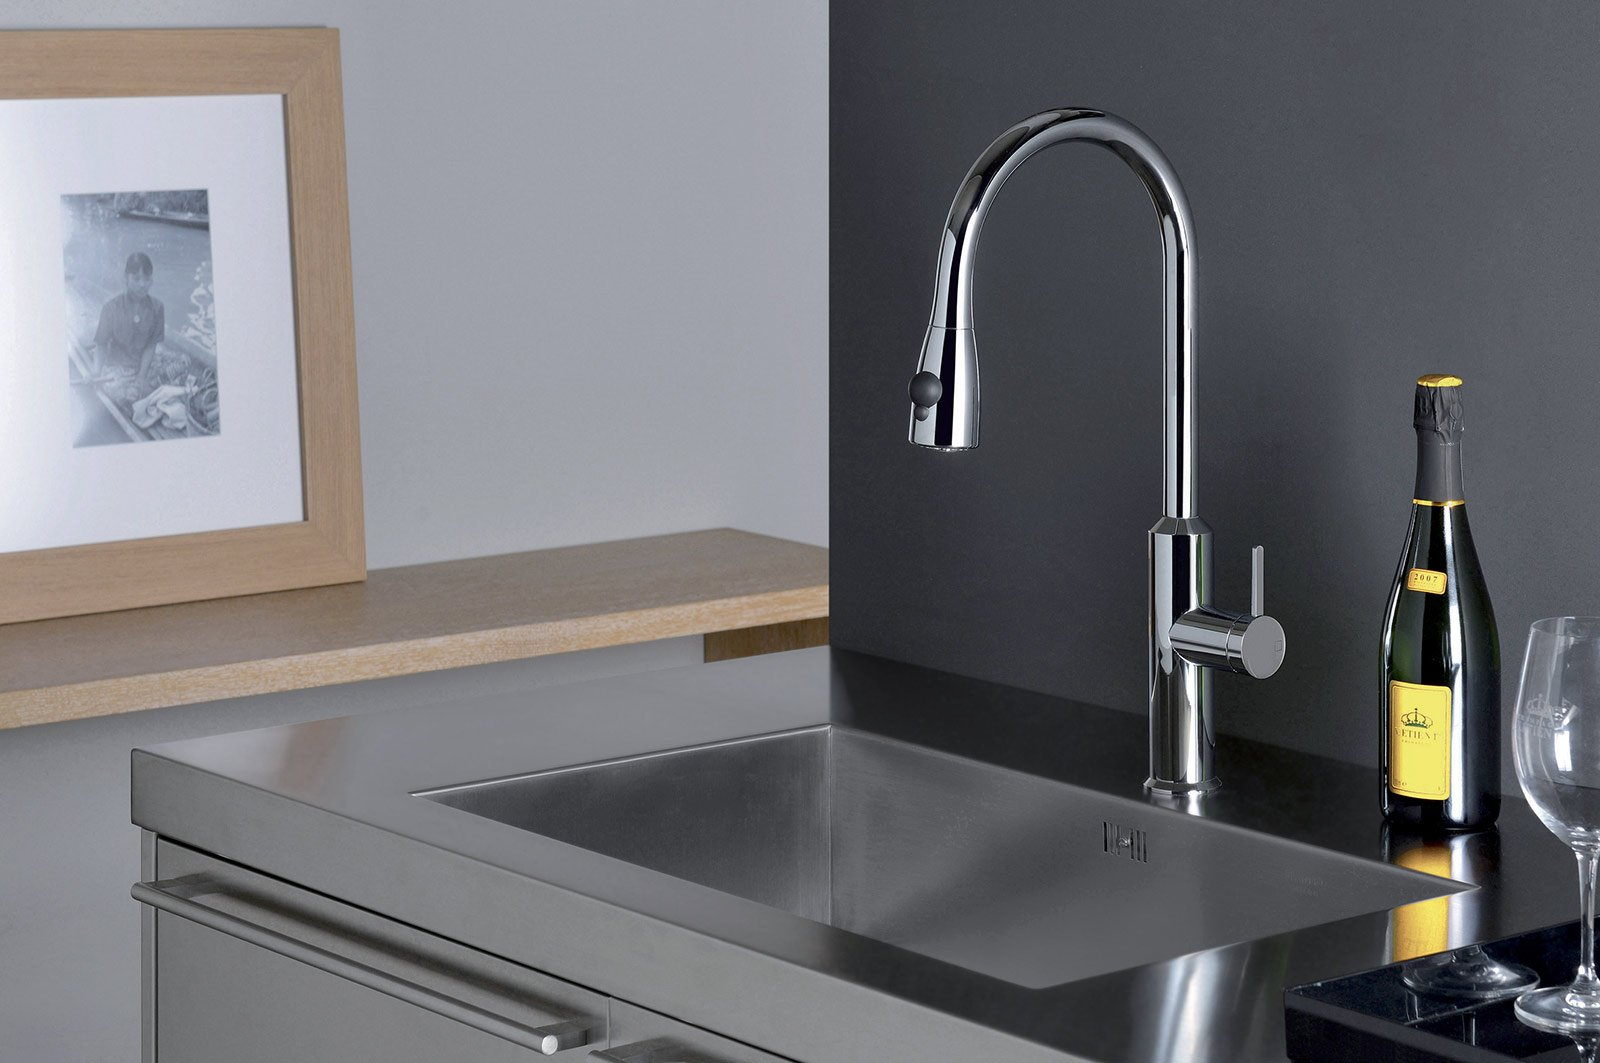 cucina: rubinetti per il lavello - cose di casa - Rubinetti Per Lavello Cucina